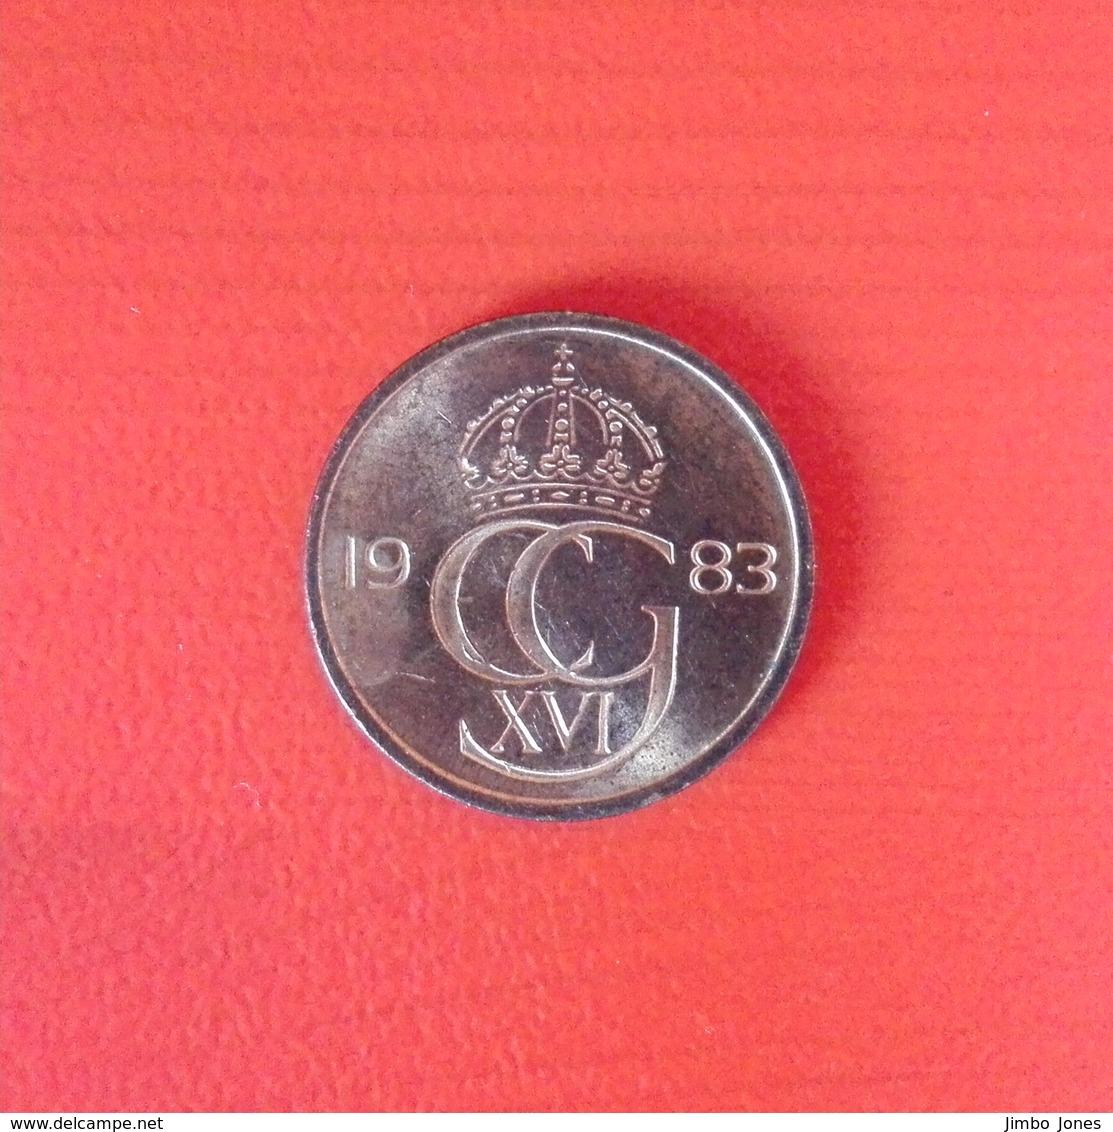 5 Öre Münze Aus Schweden Von 1983 (schön) - Schweden